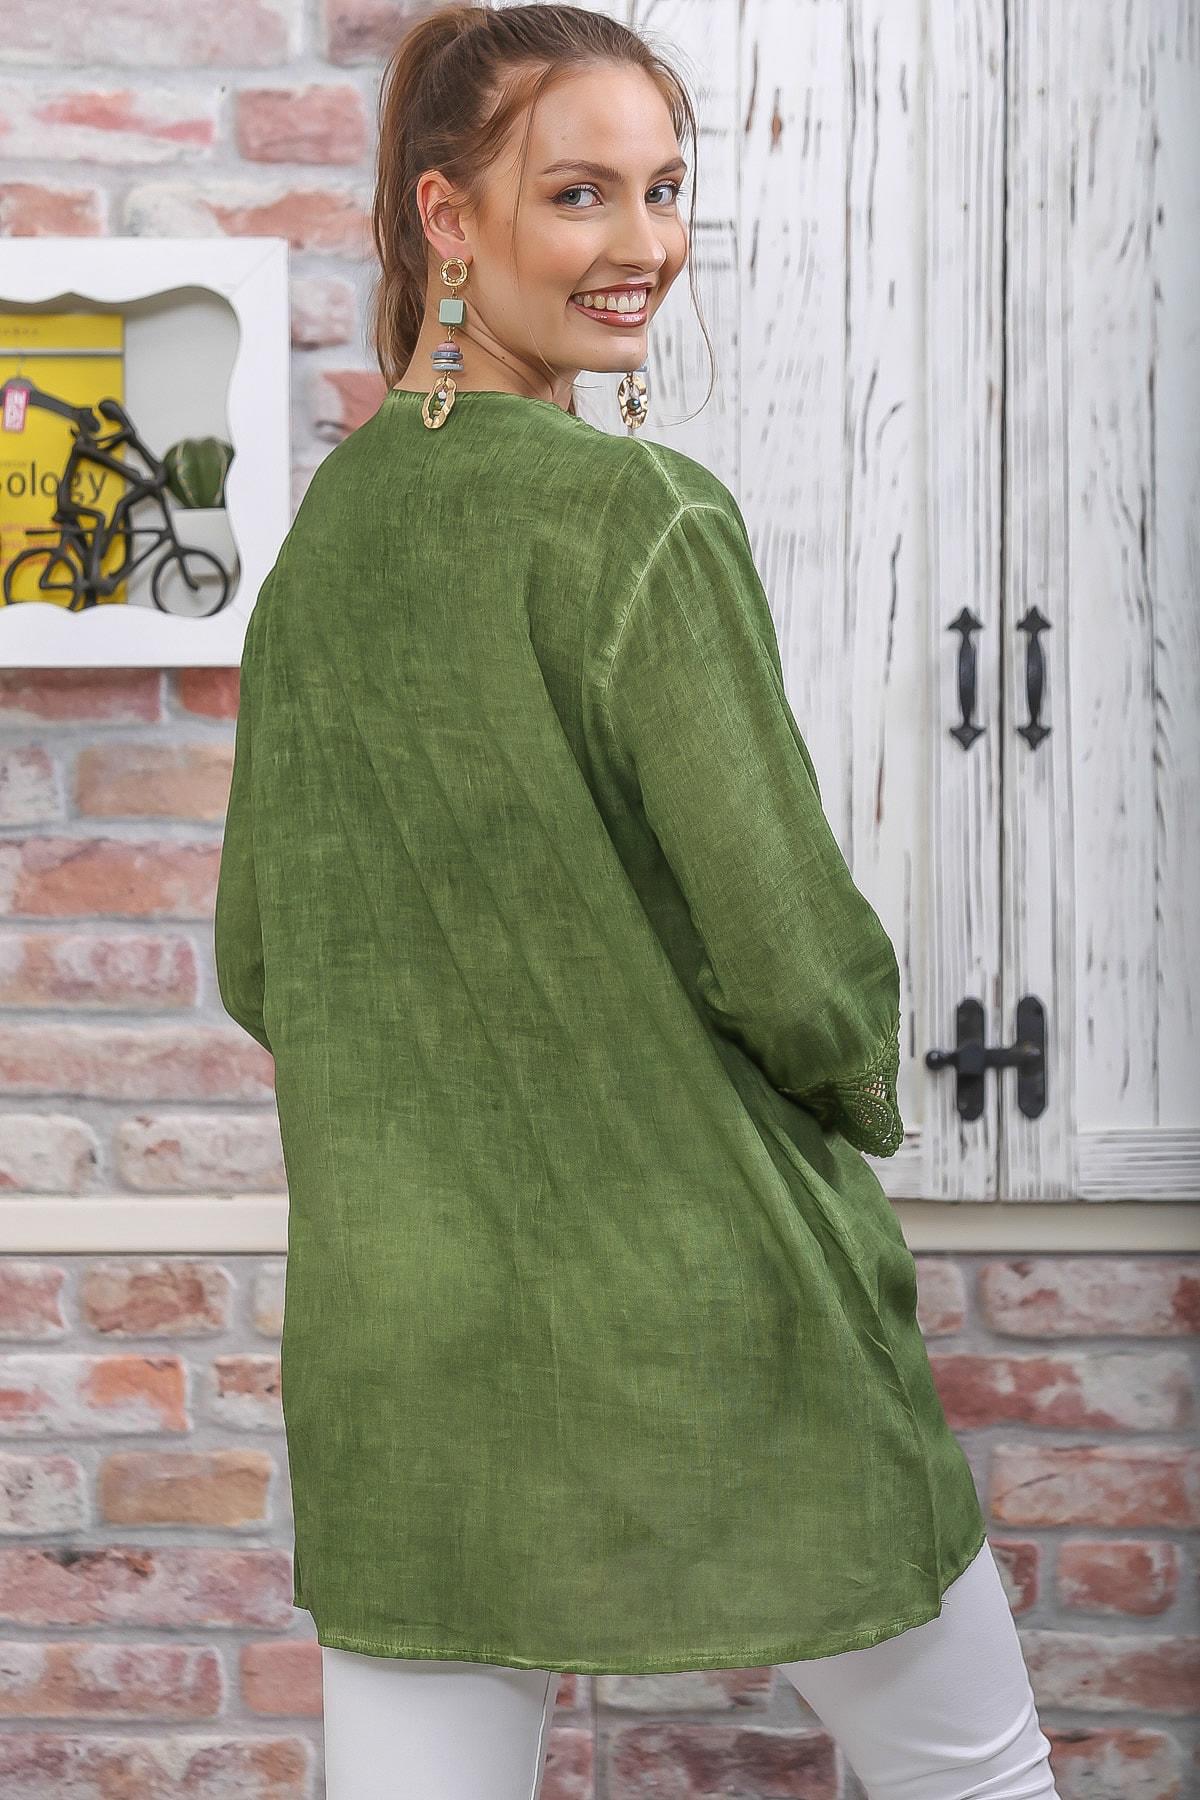 Chiccy Kadın Yeşil Dantel Şerit Detaylı 3/4 Kol Dokuma Bluz M10010200BL95437 1